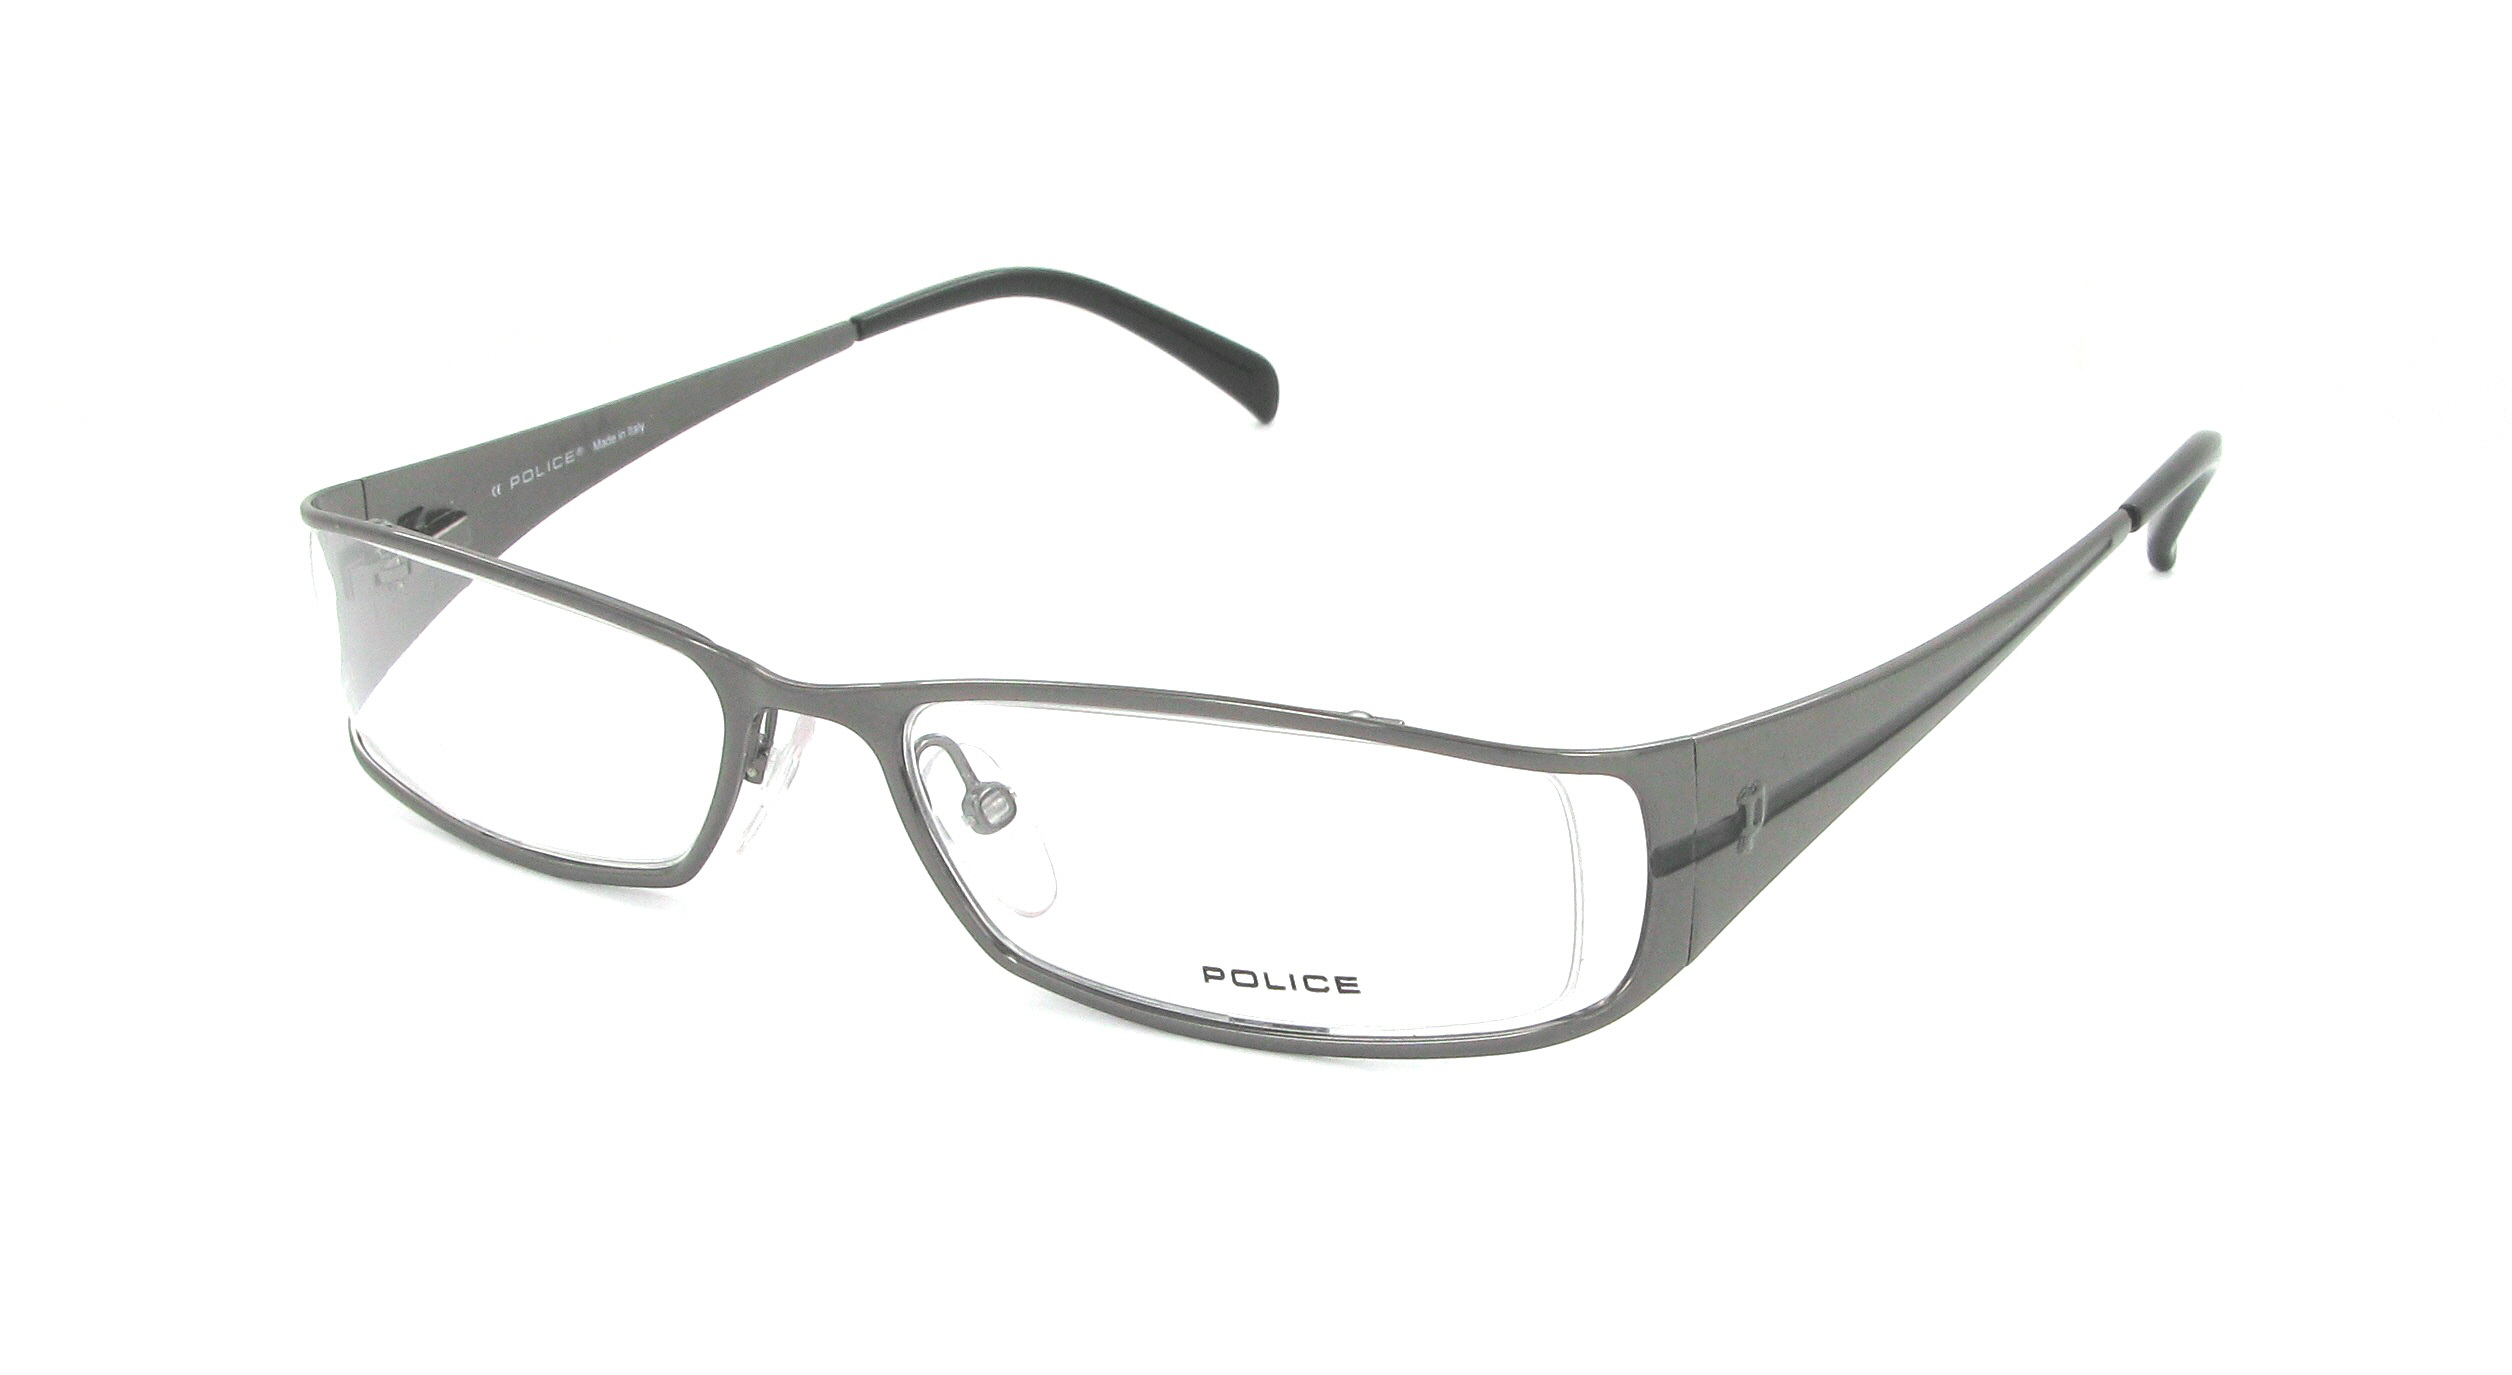 Combien rembourse la sécurité sociale pour vos lunettes?